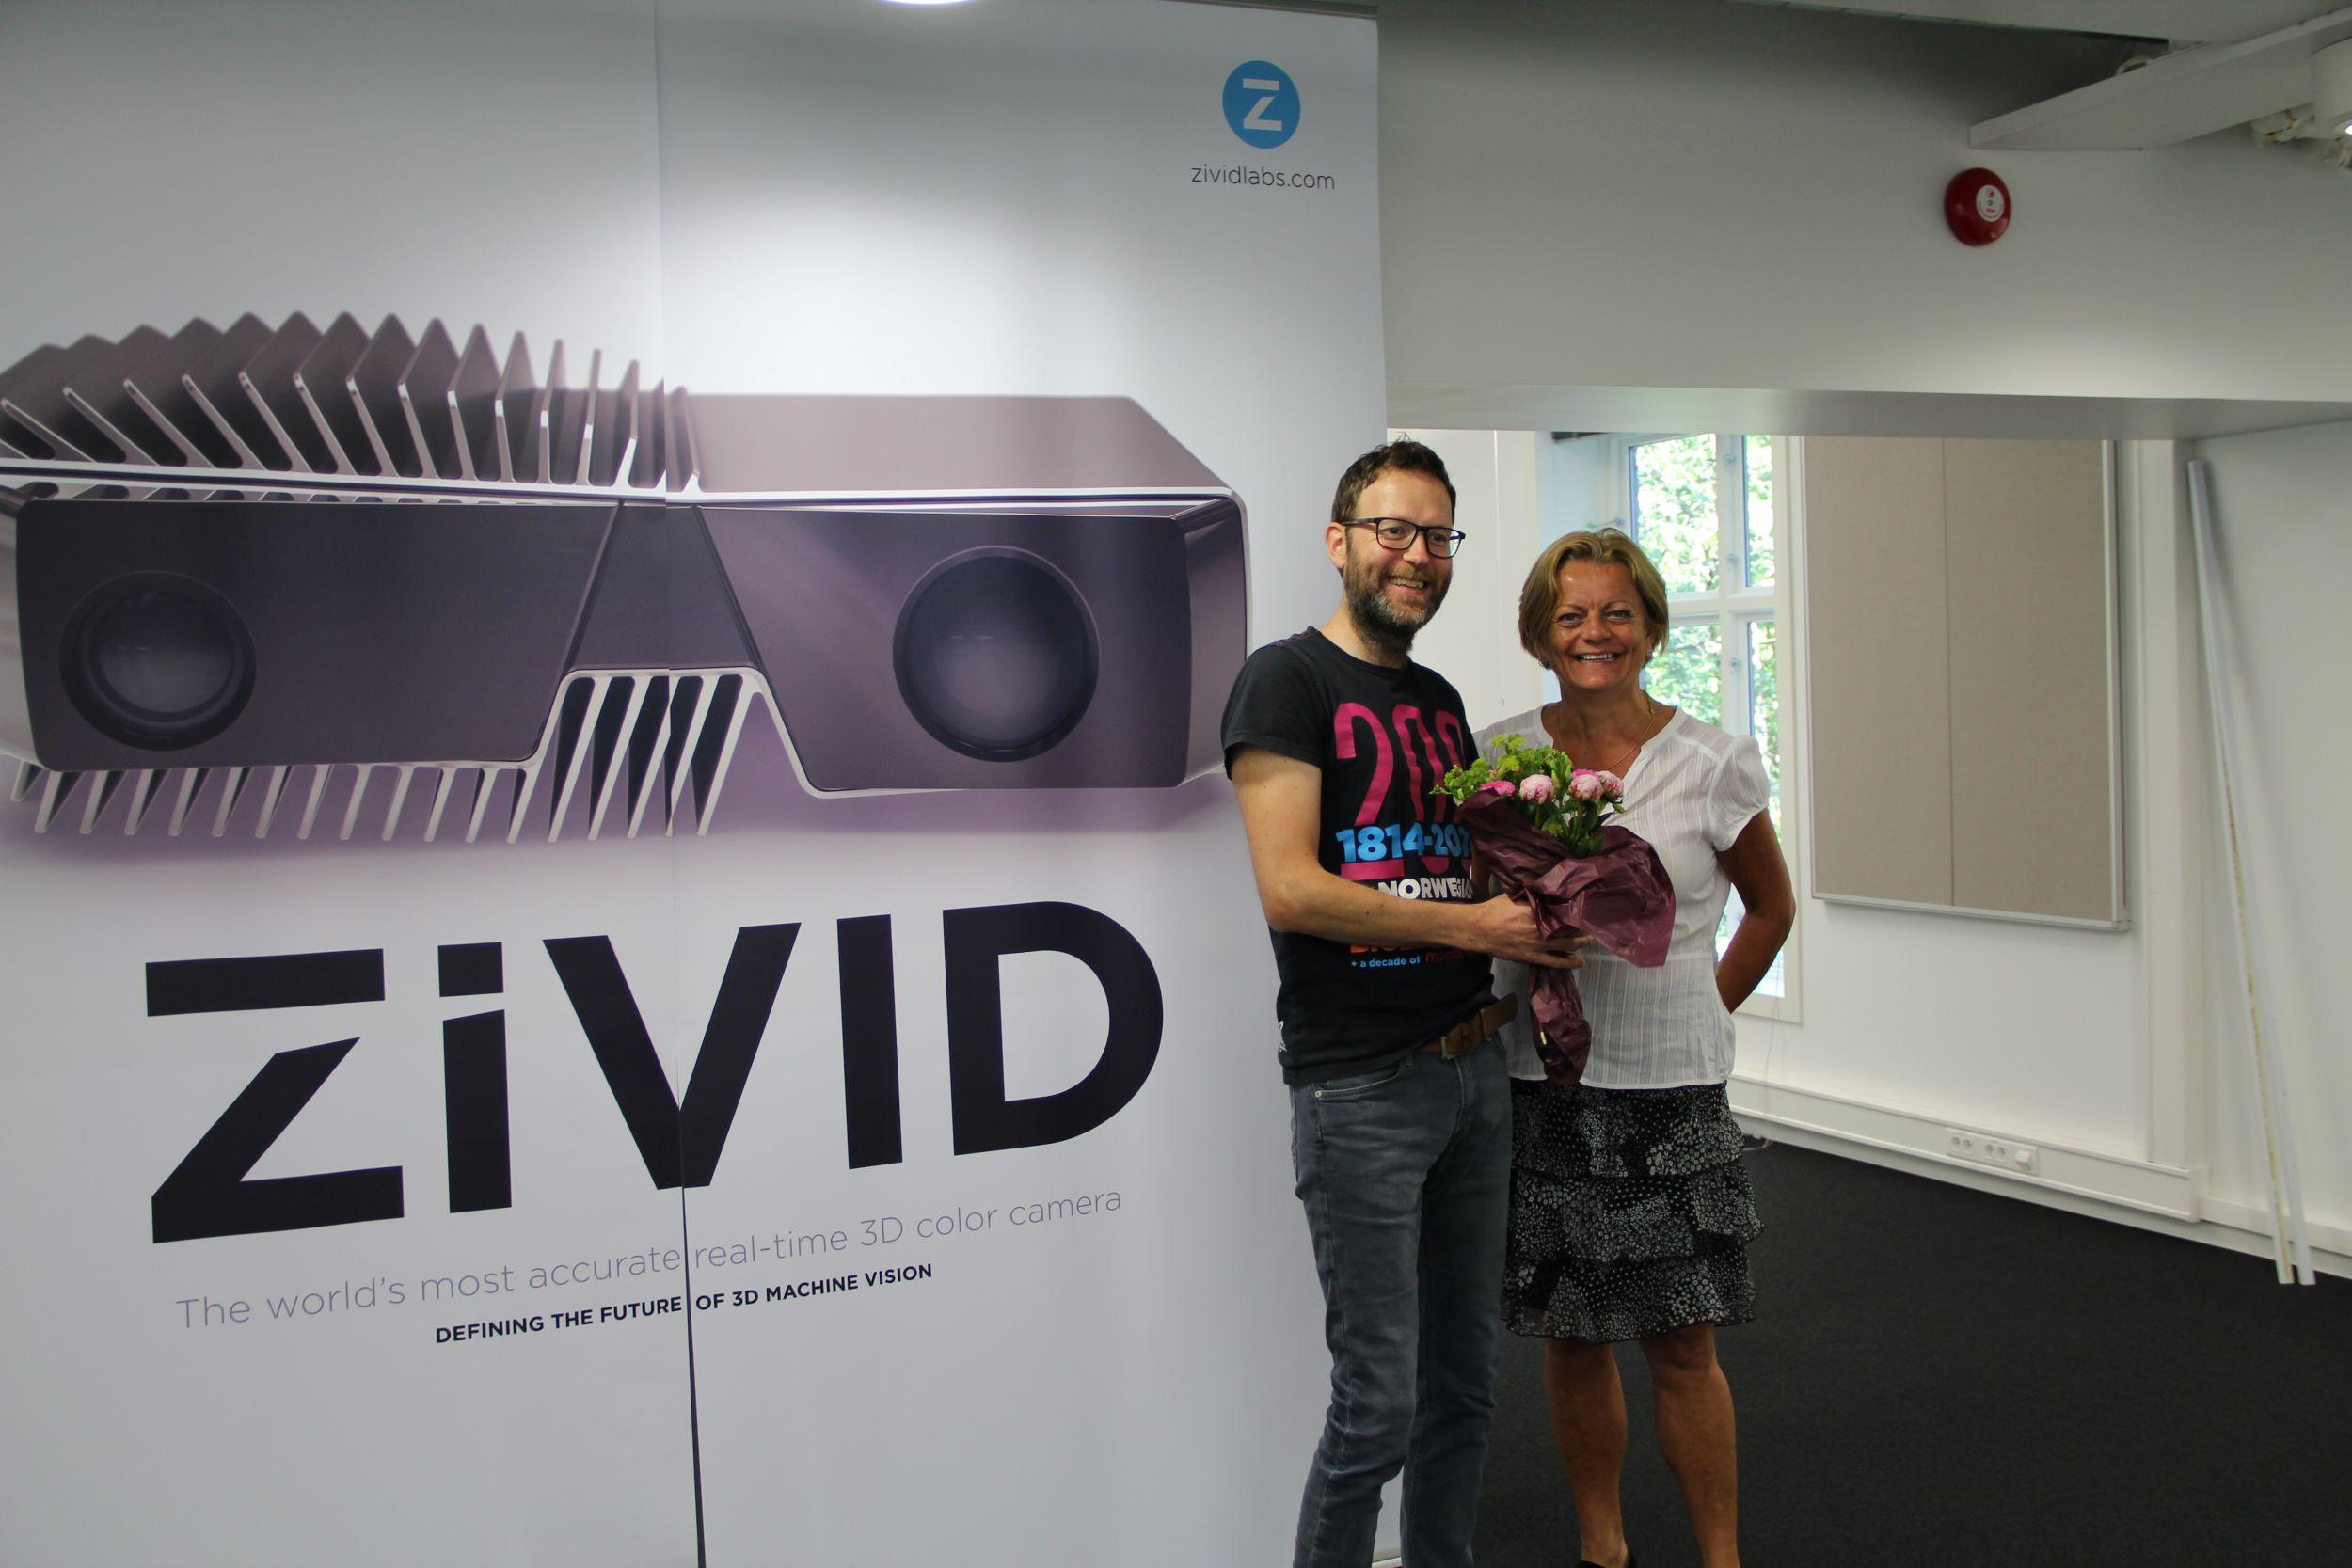 Zivid mit norwegischem Innovation Award ausgezeichnet